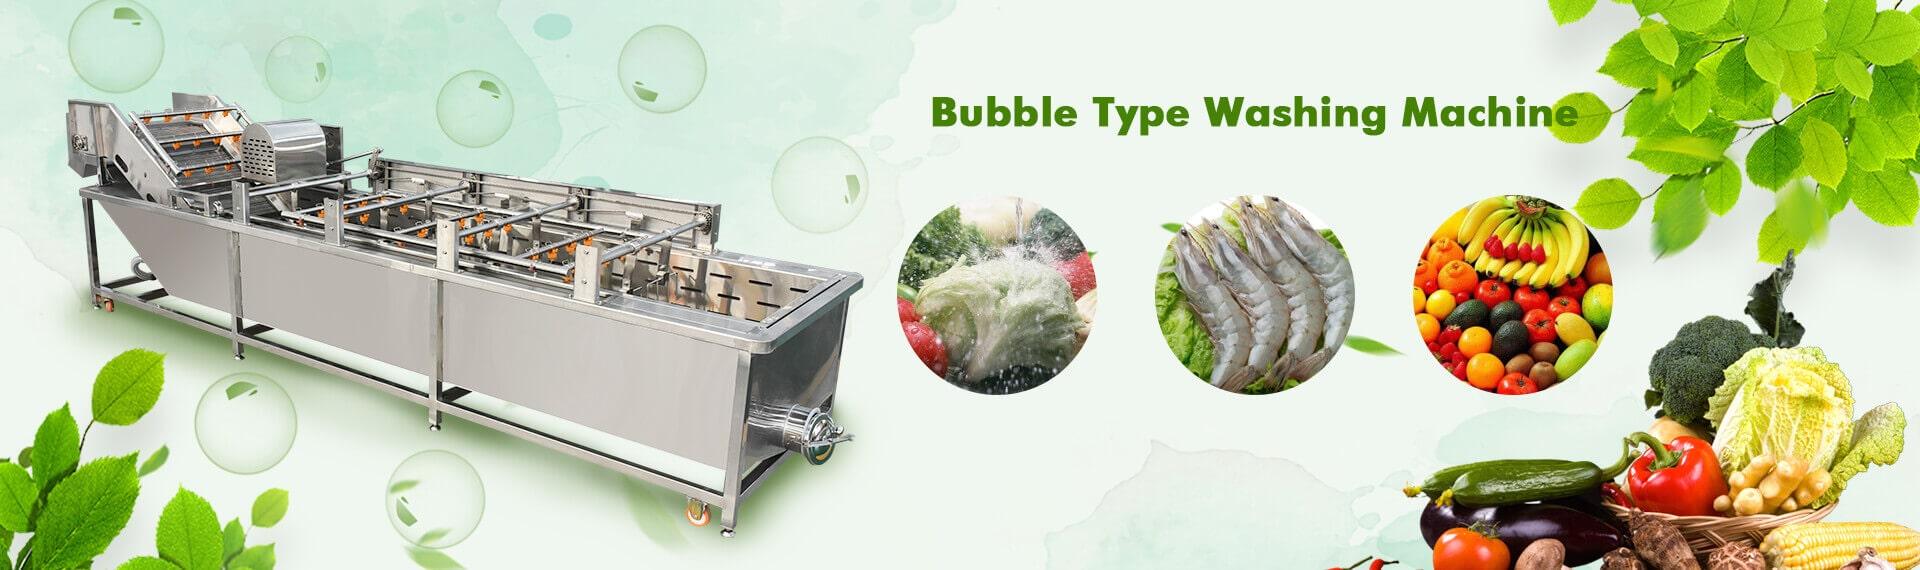 Automatic Bubble Type Washing Machine